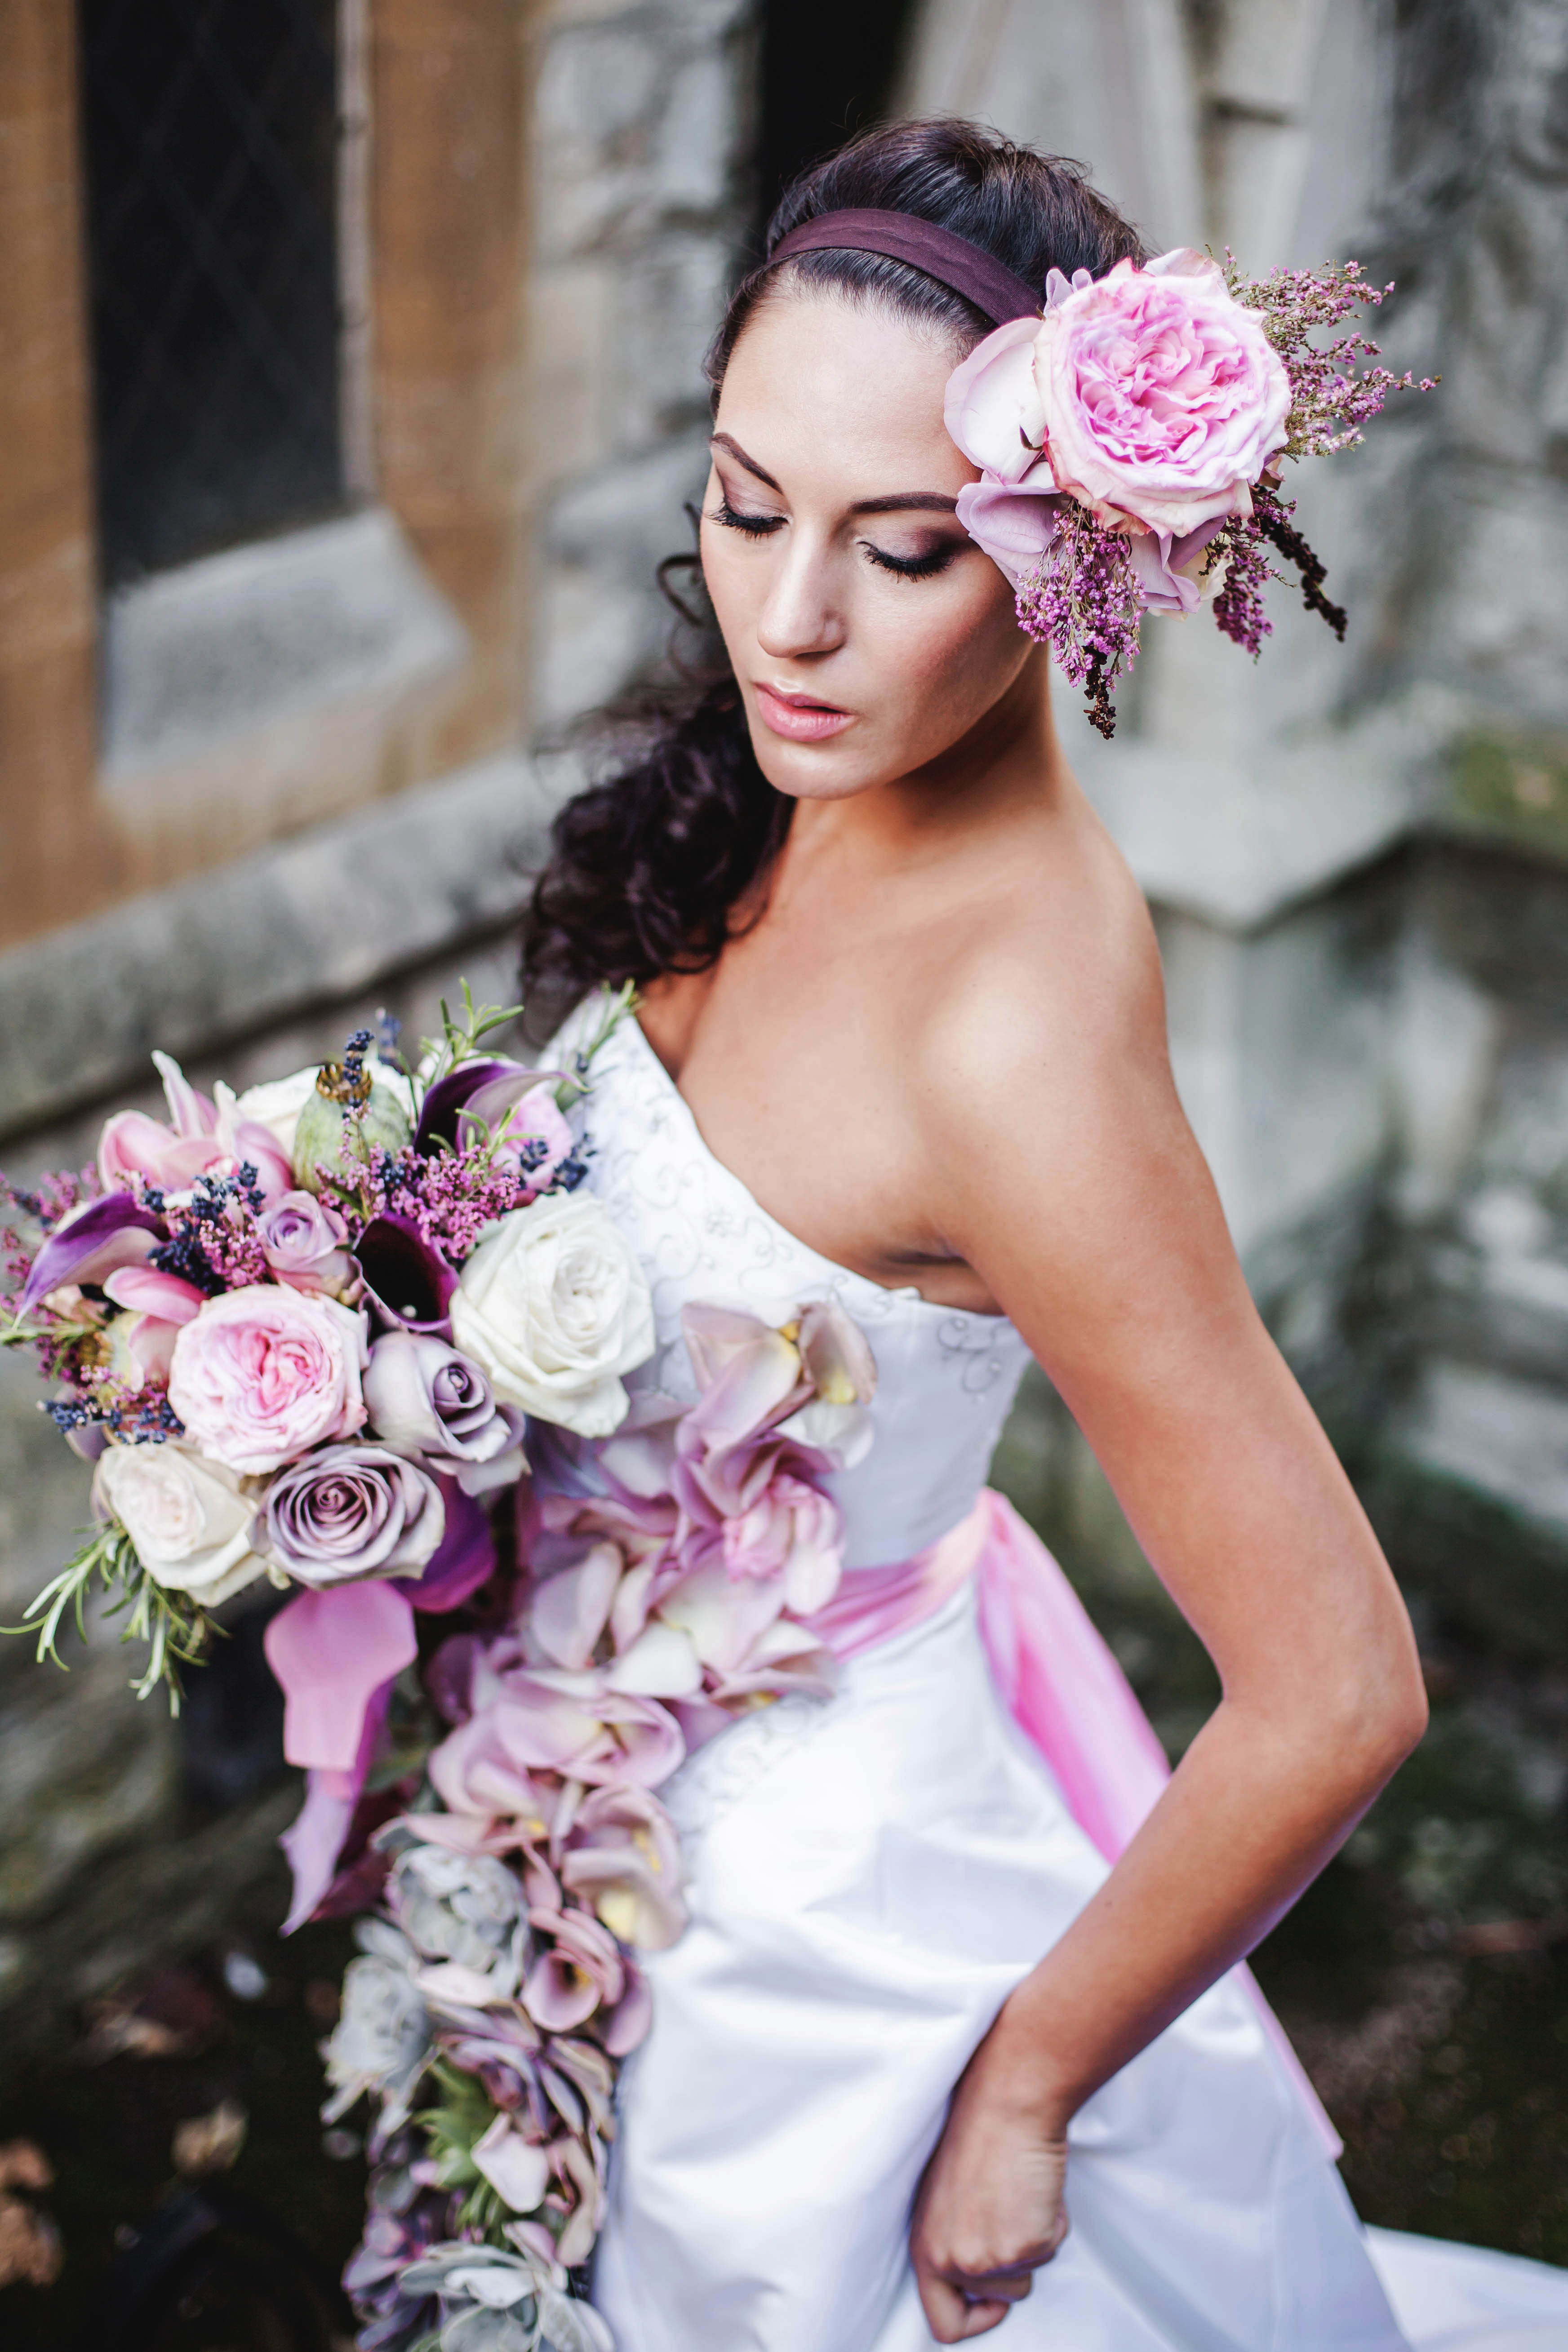 Фото девушки в свадебном 13 фотография